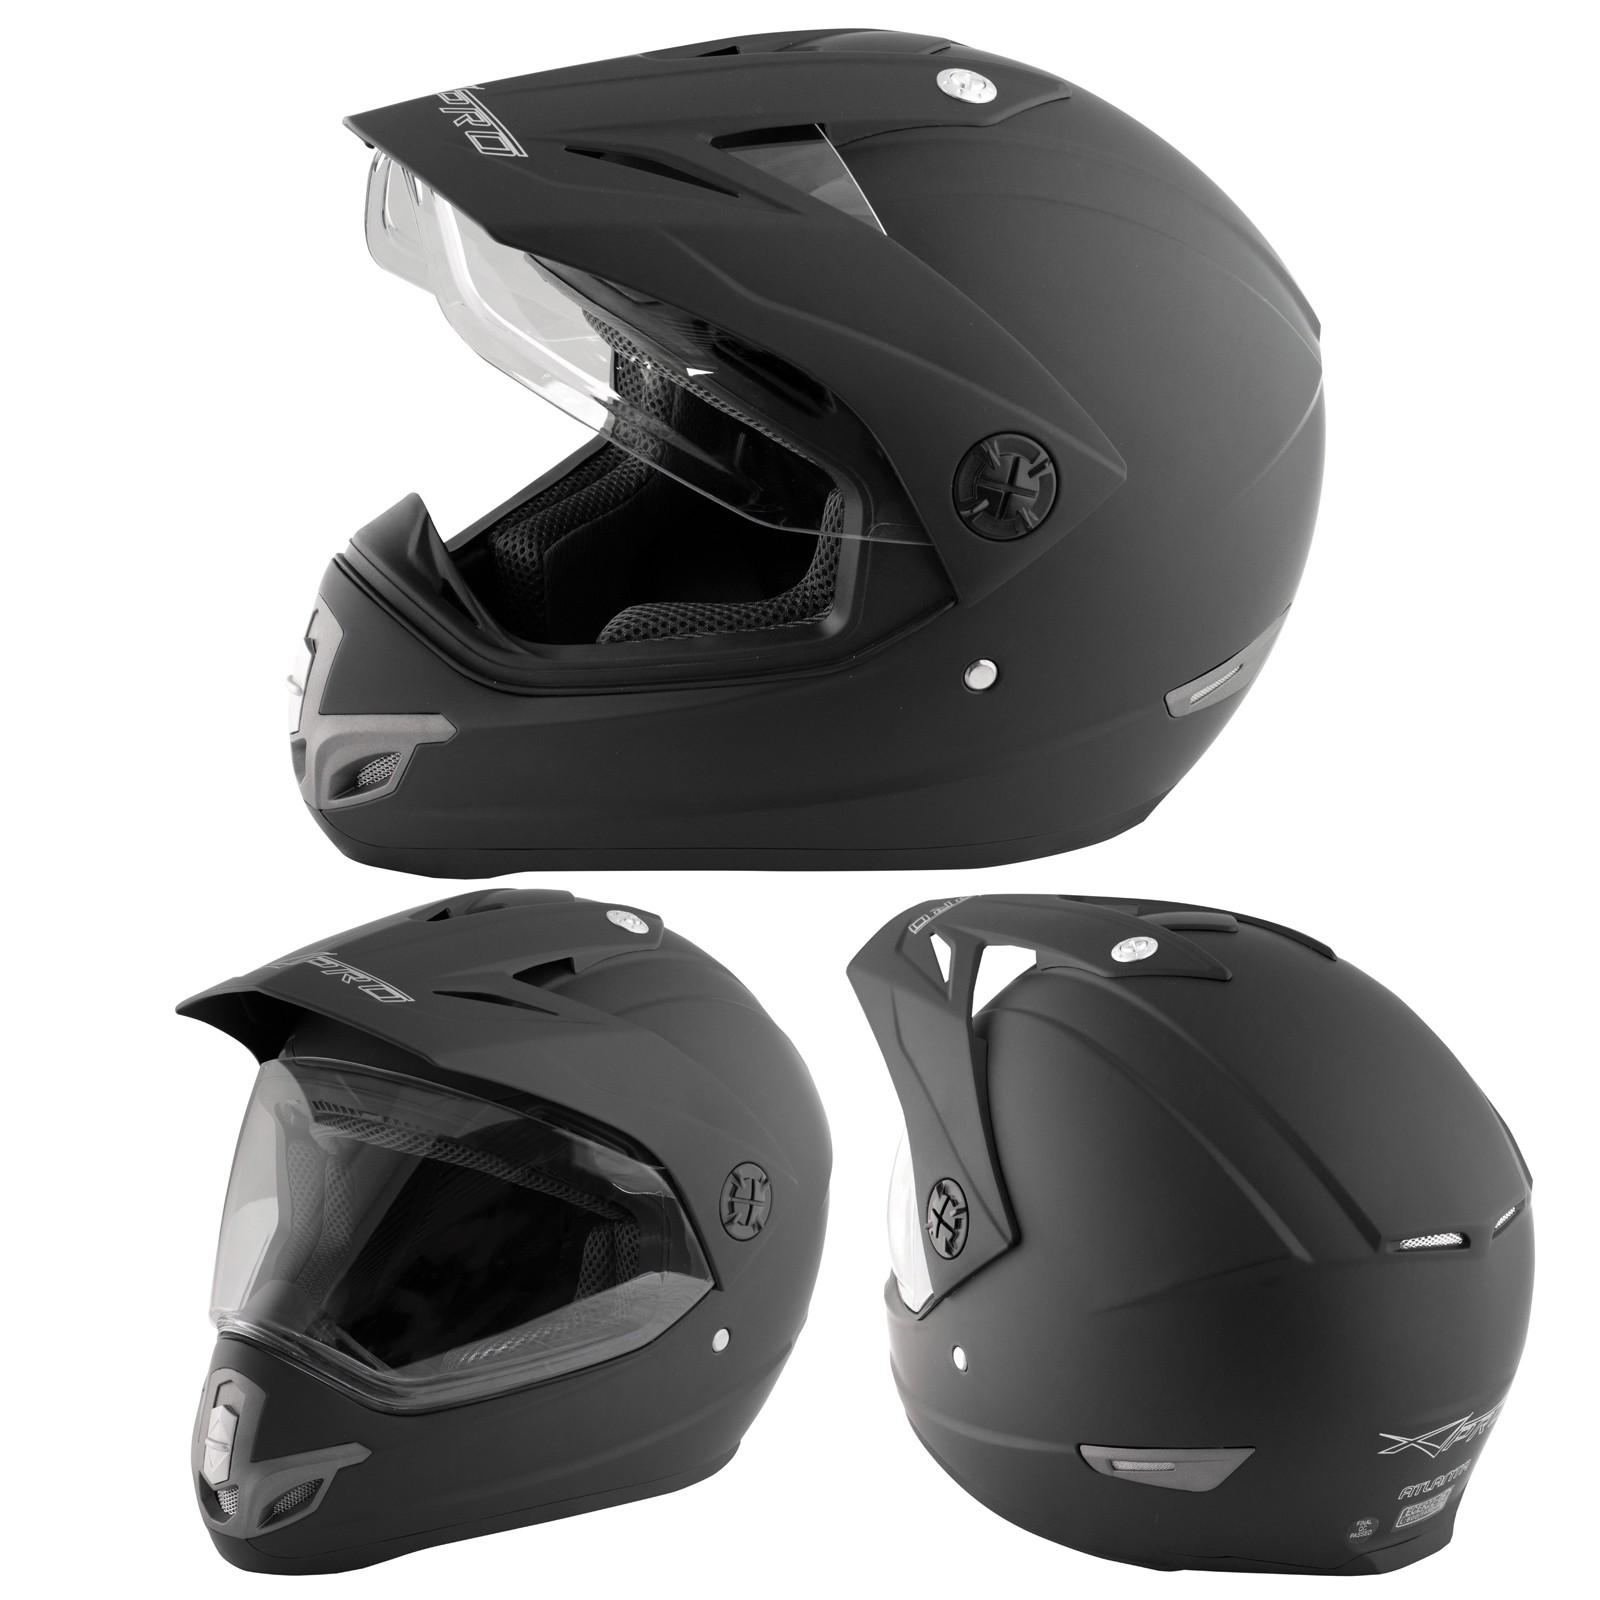 abbigliamento moto e accessori casco moto cross enduro trial quad off road visiera anti nebbia. Black Bedroom Furniture Sets. Home Design Ideas